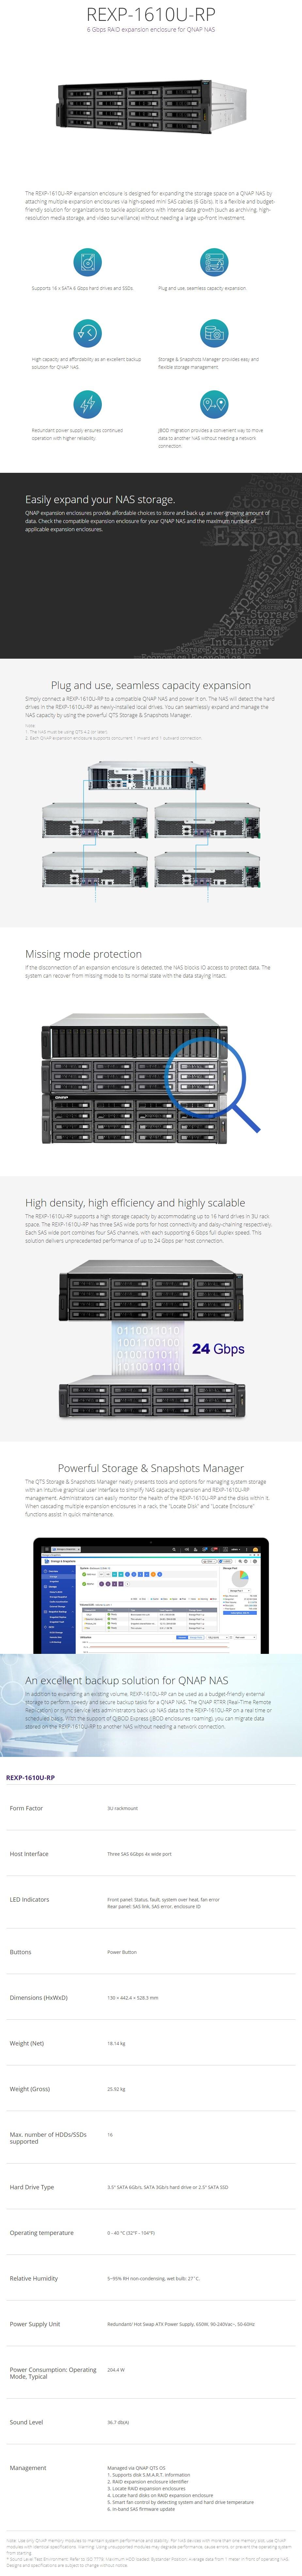 QNAP REXP-1610U-RP 16 Bay Expansion Enclosure for QNAP NAS - Overview 1